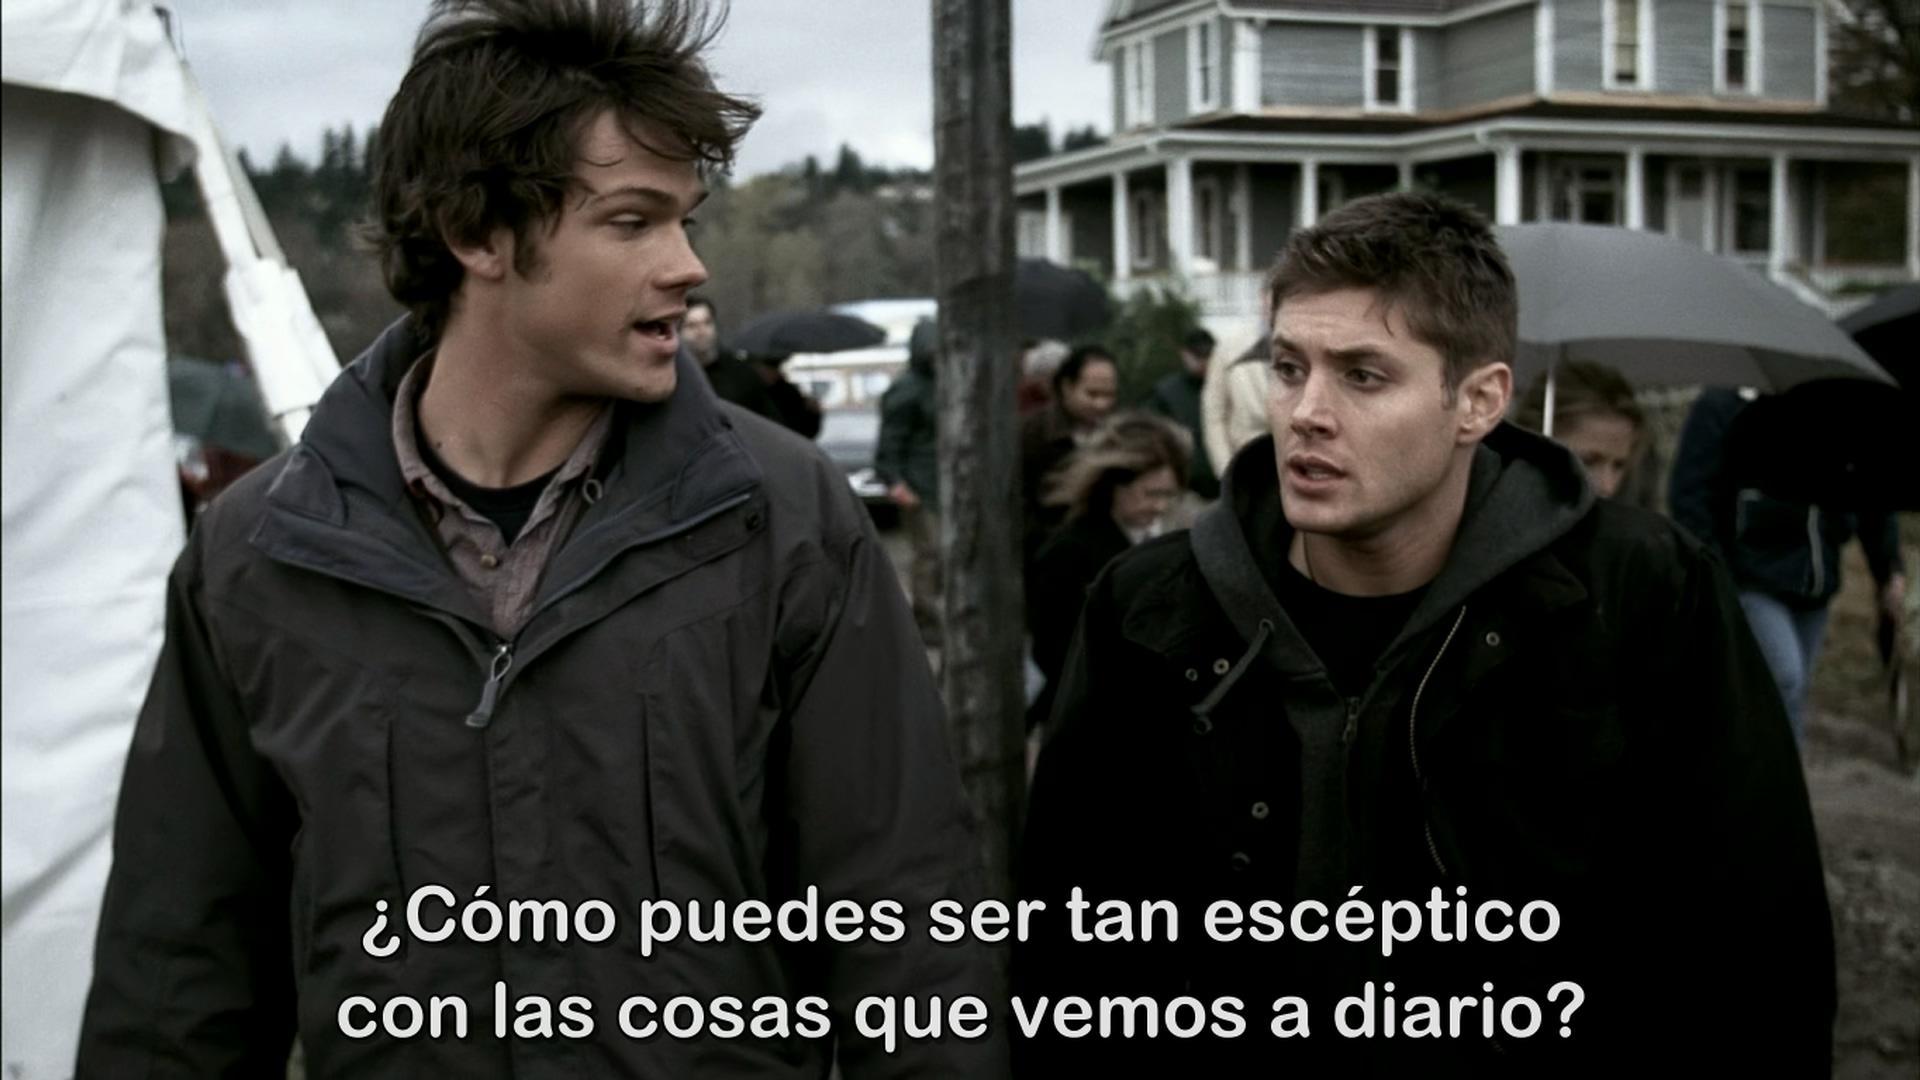 Supernatural S01 + Extras x265 10Bits 1080p